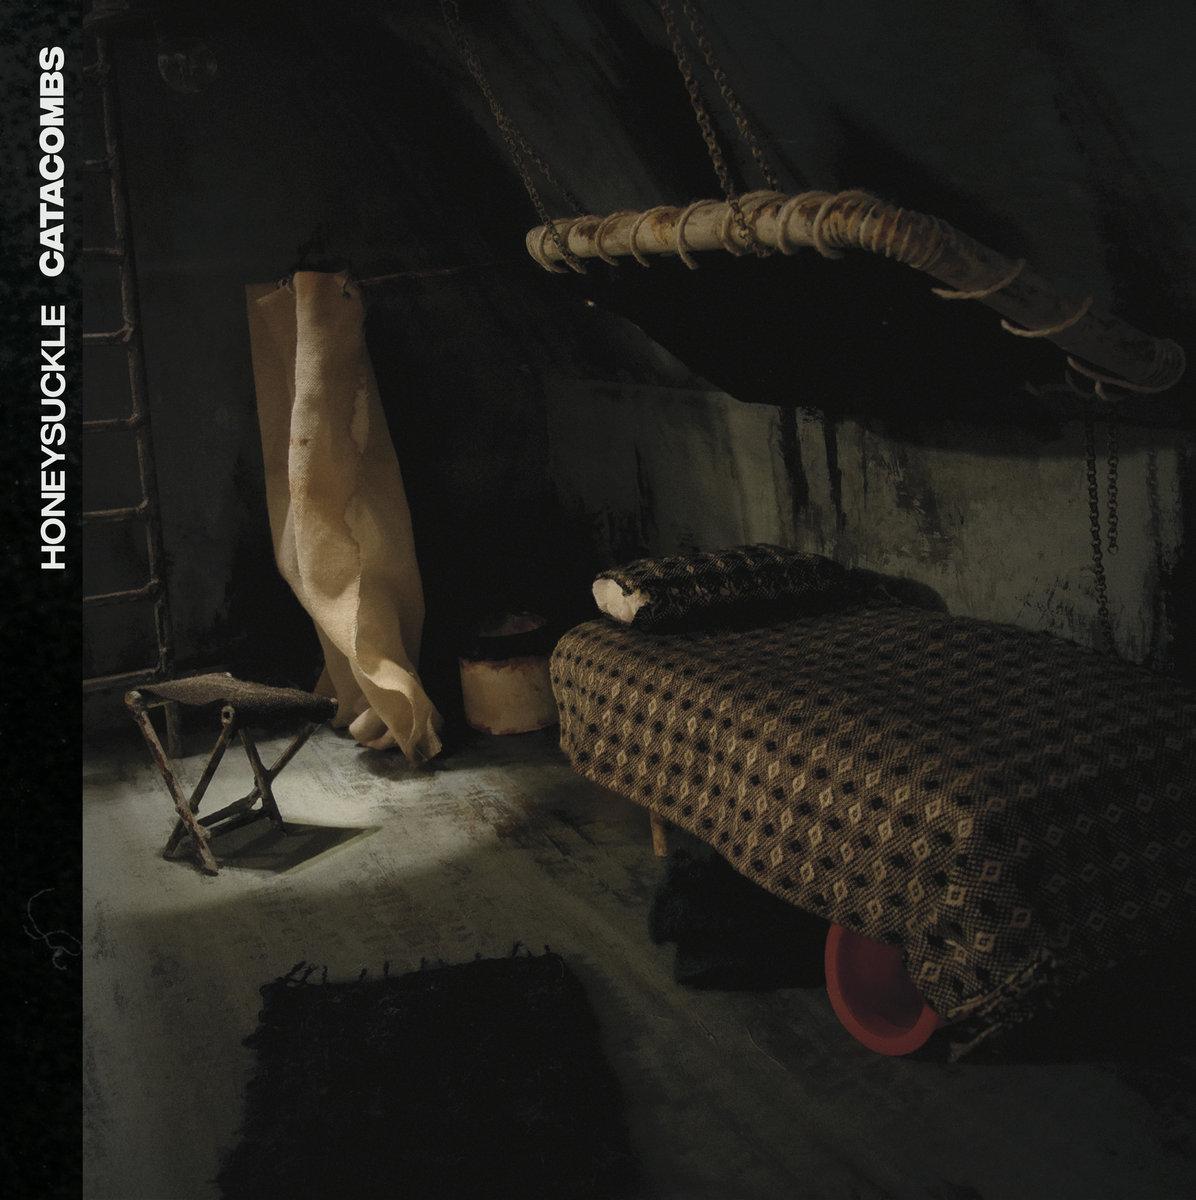 honeysuckle album